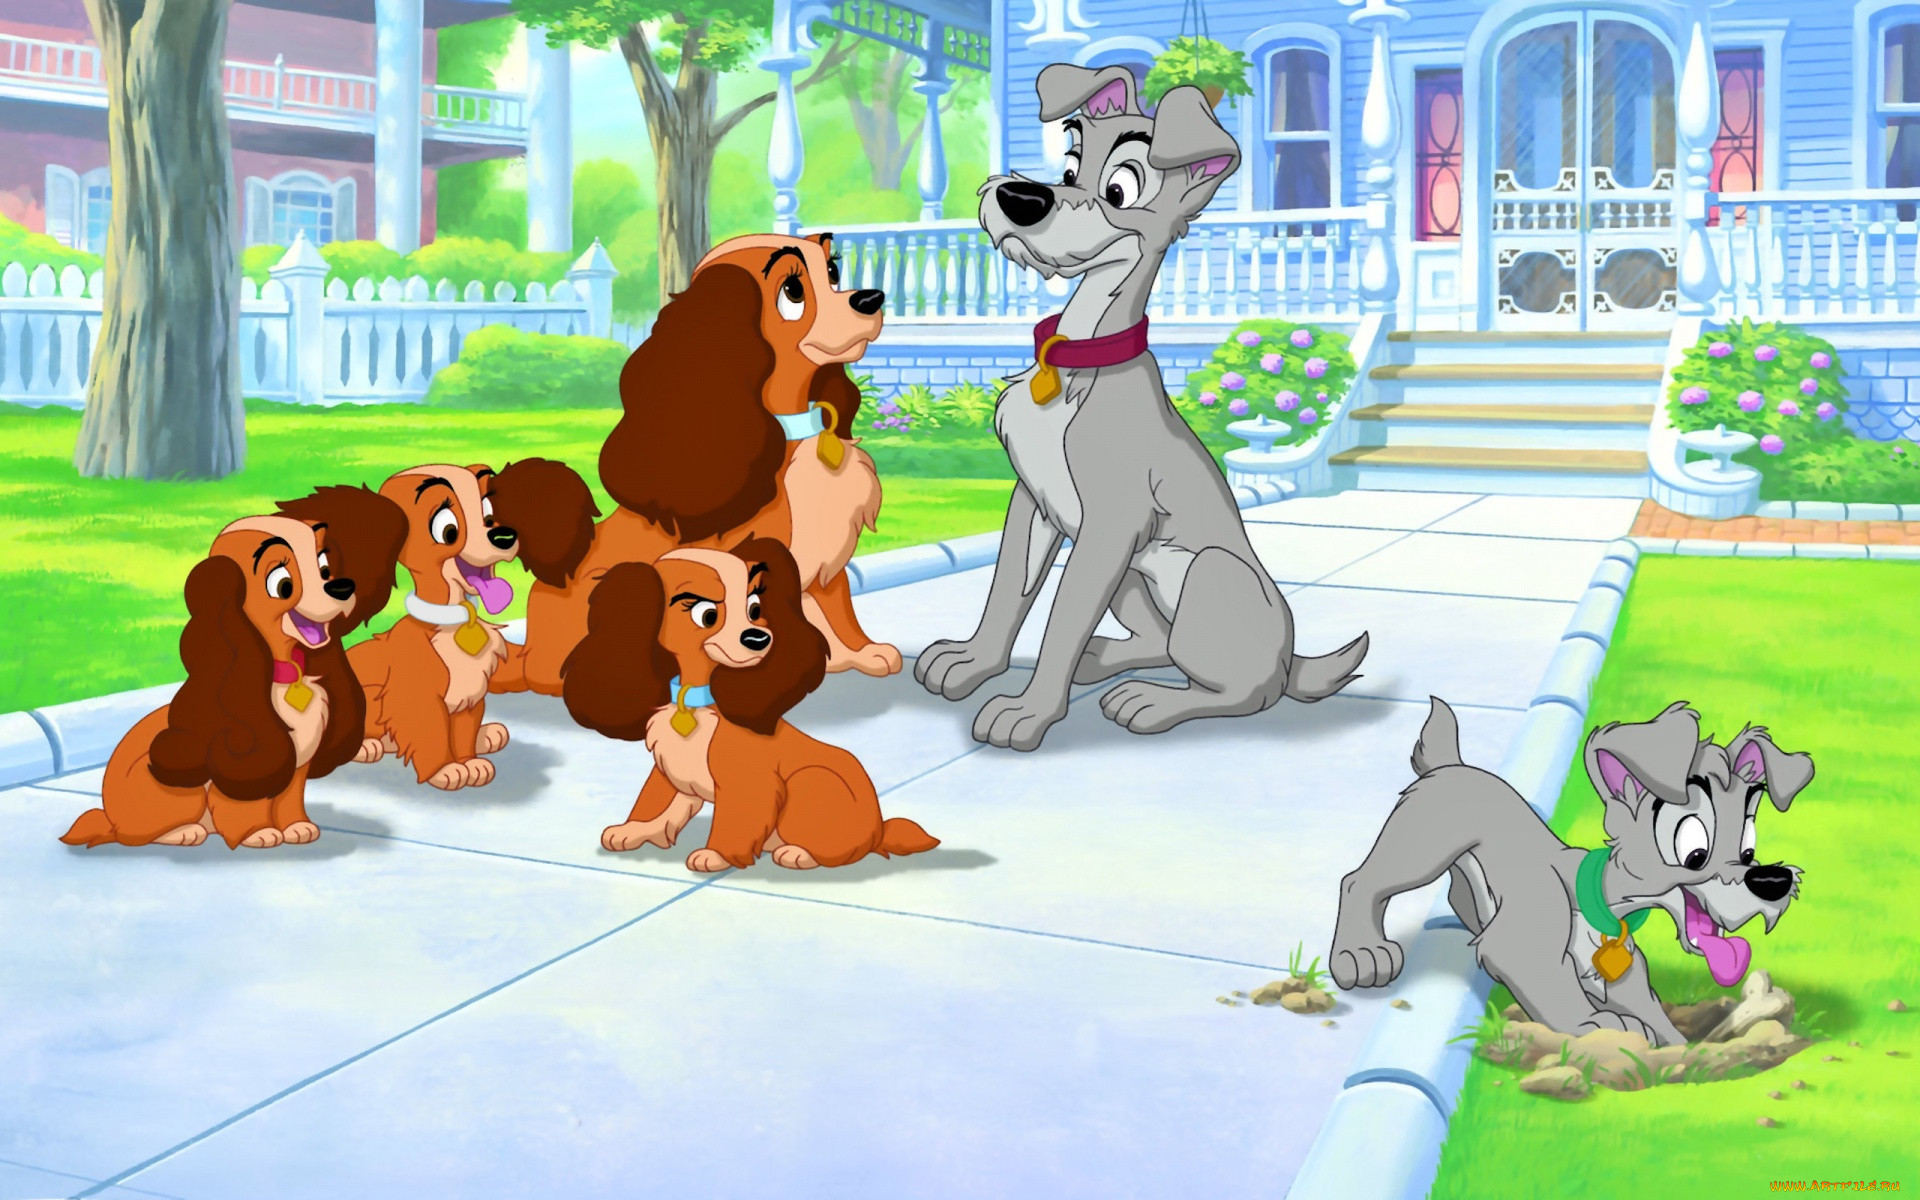 Картинки собак из мультфильмов детских